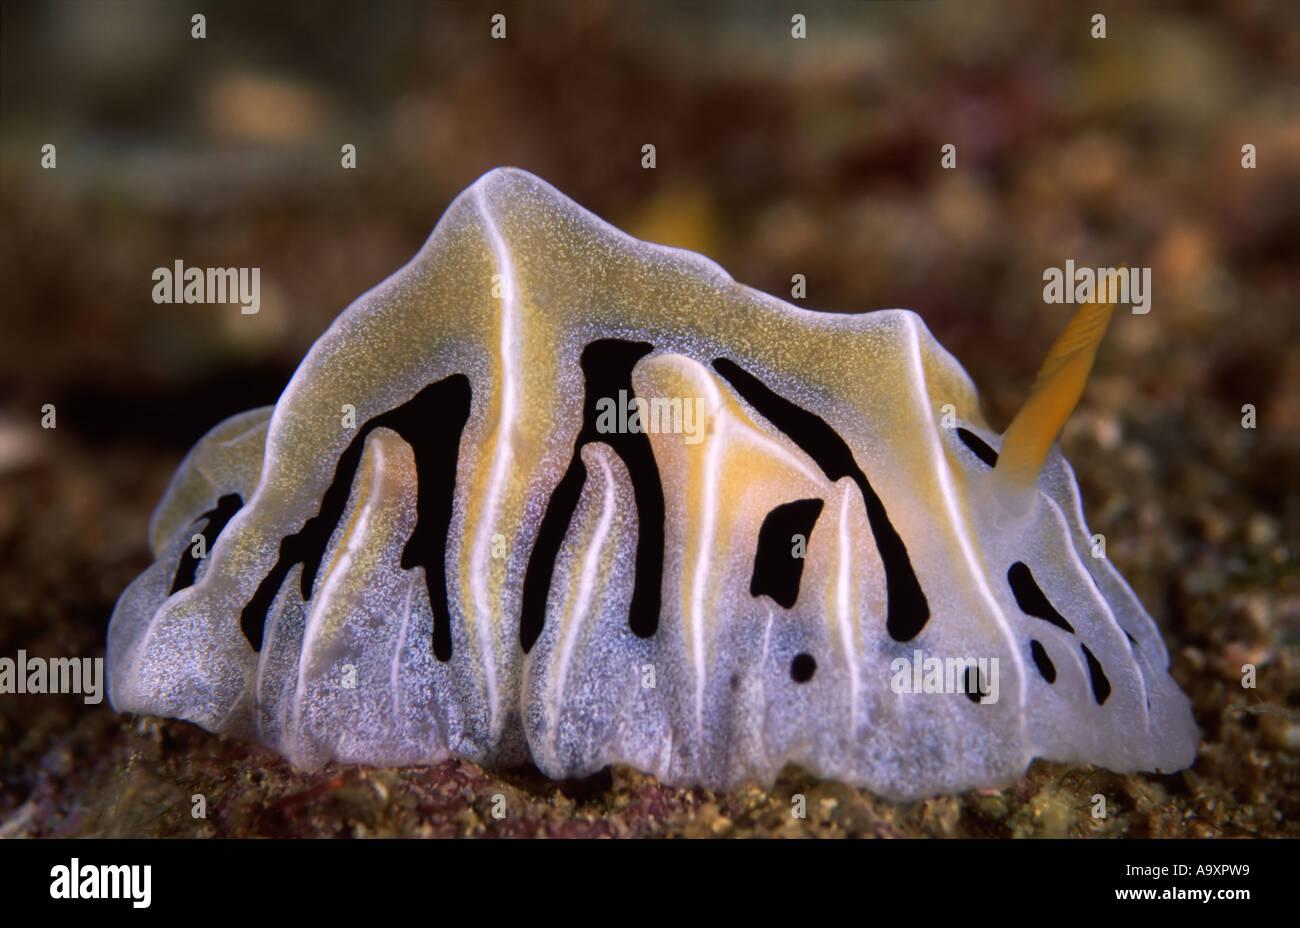 Reticulidia sp - Stock Image